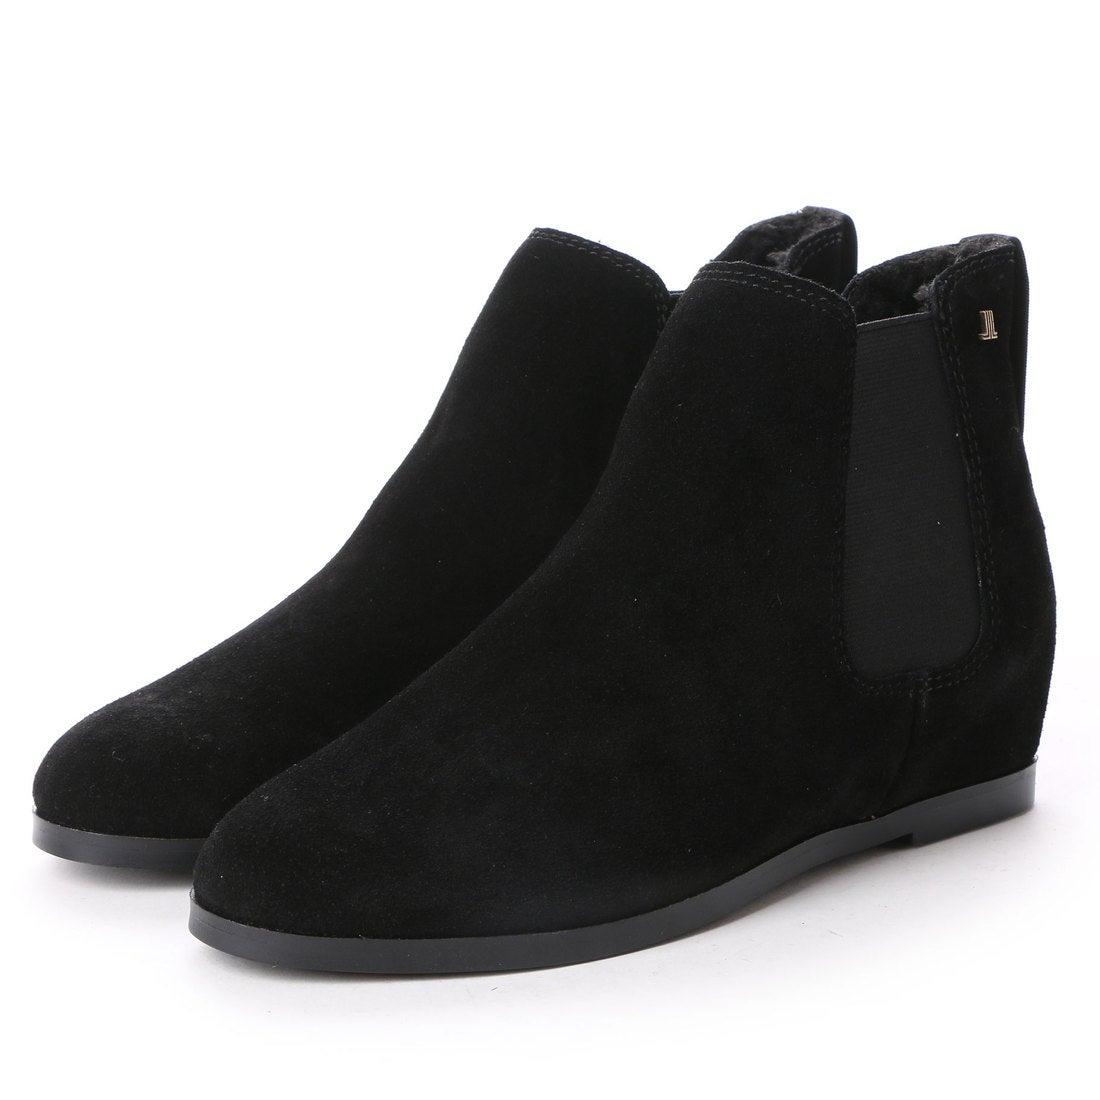 ランバン オン ブルー LANVIN en Bleu インヒールサイドゴアショートブーツ (ブラックスエード) ,靴とファッションの通販サイト ロコンド